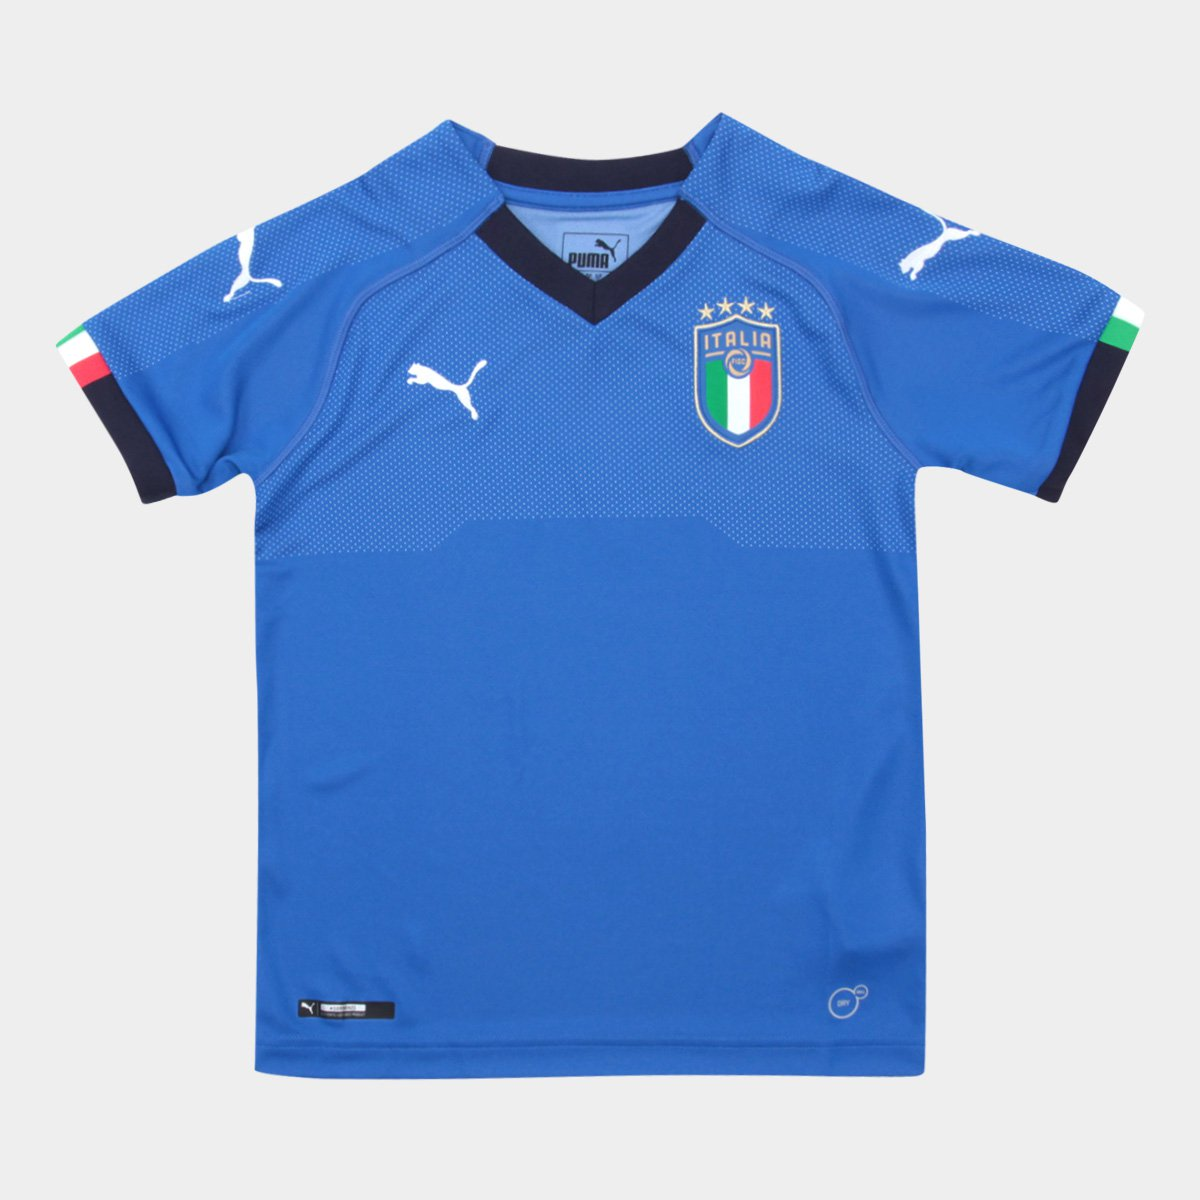 Camisa Seleção Itália Infantil Home 2018 s n° - Torcedor Puma - Compre  Agora  36997c1cc99b3